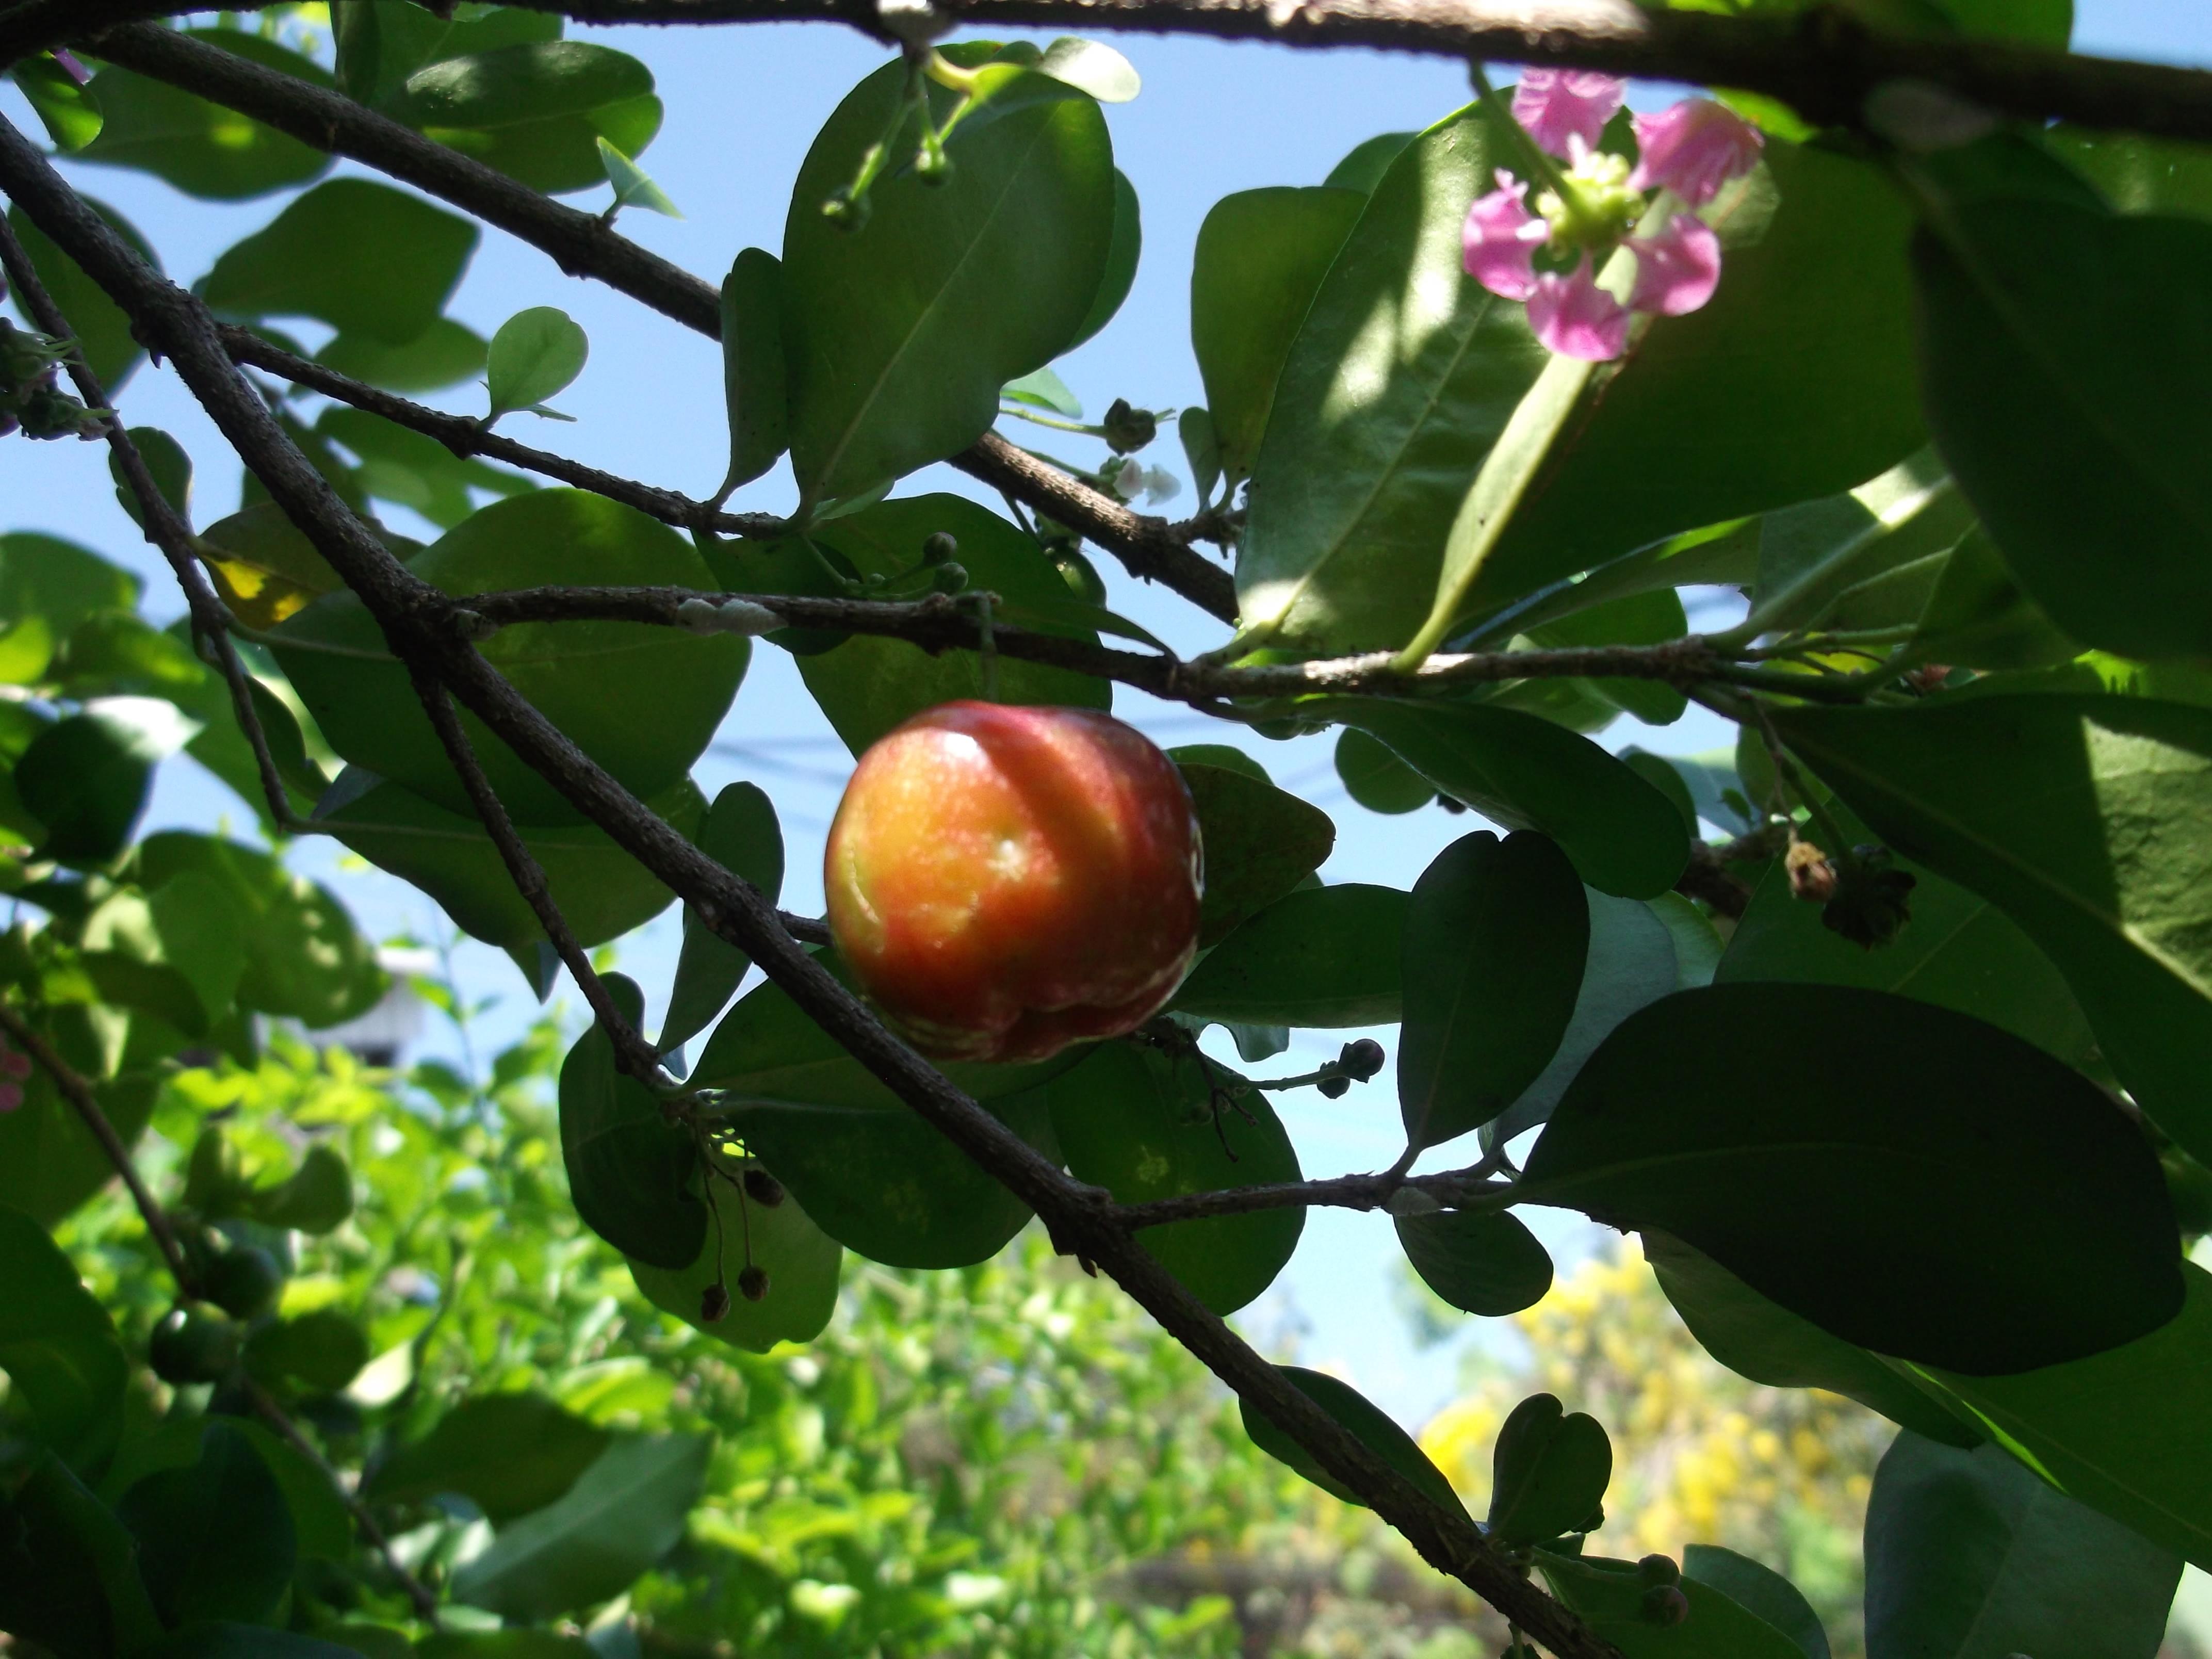 Foto Di Alberi Da Frutto immagini belle : albero da frutta, pianta, flora, diospyros